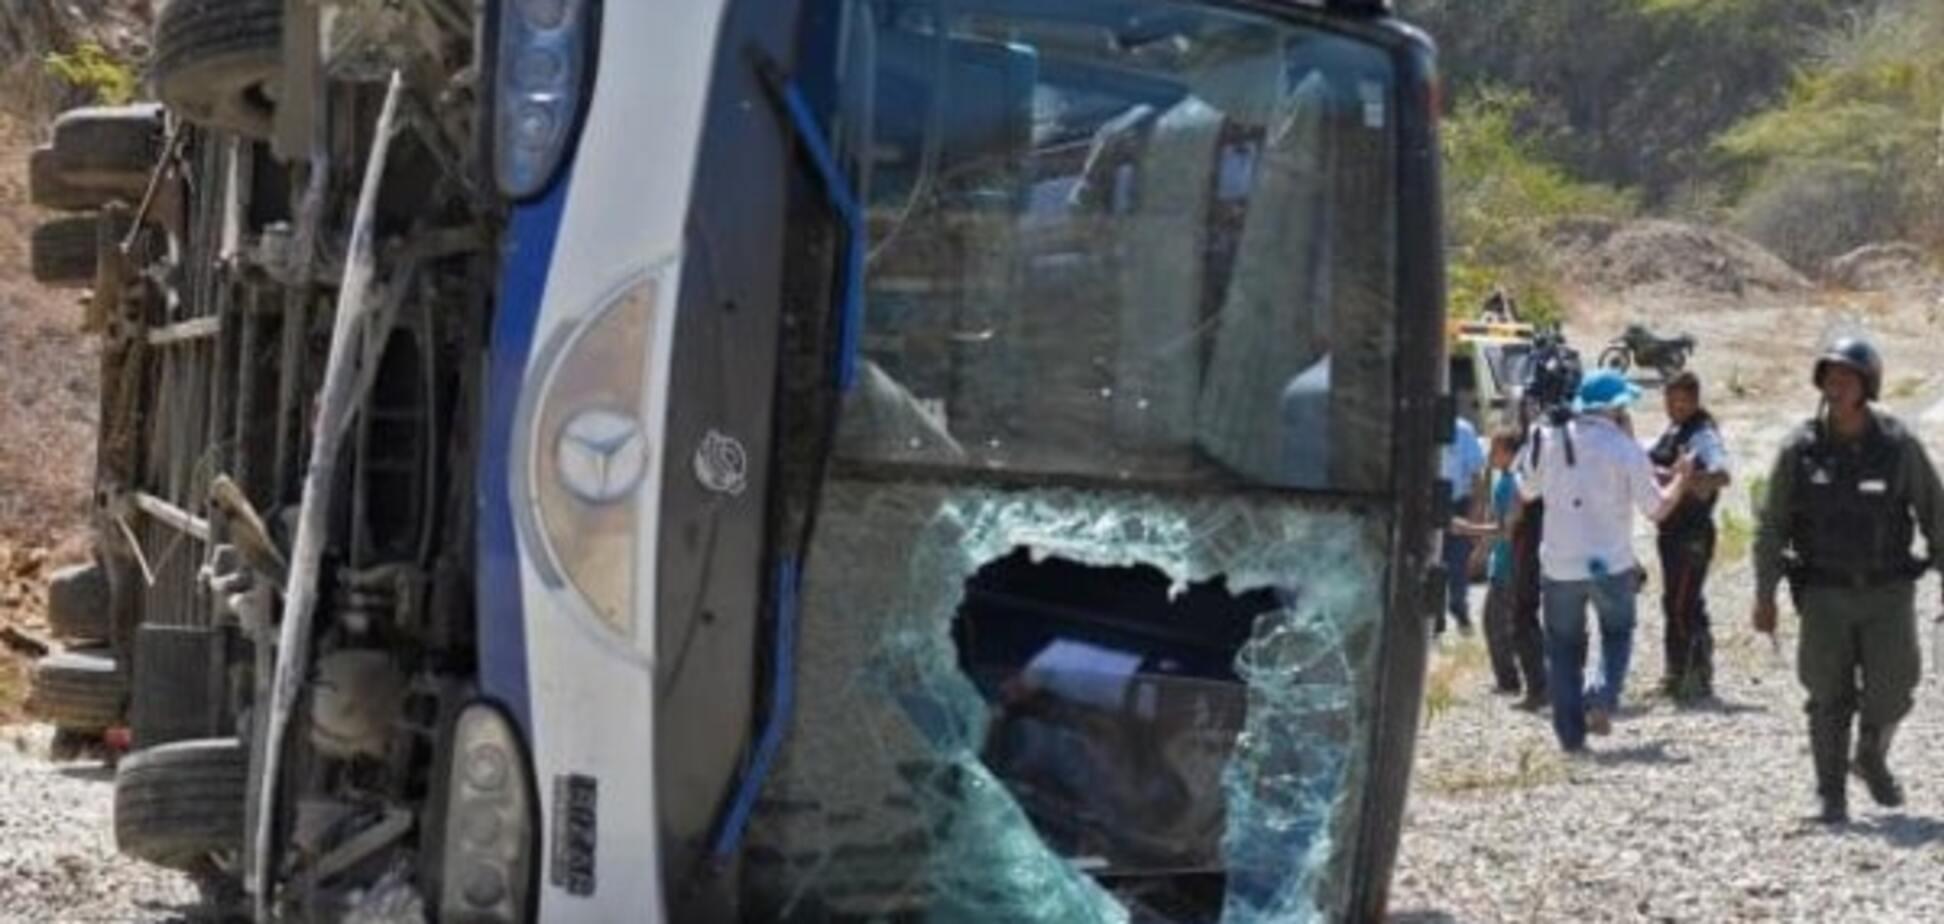 Автобус із футболістами відомої команди потрапив у жахливу ДТП: є постраждалі